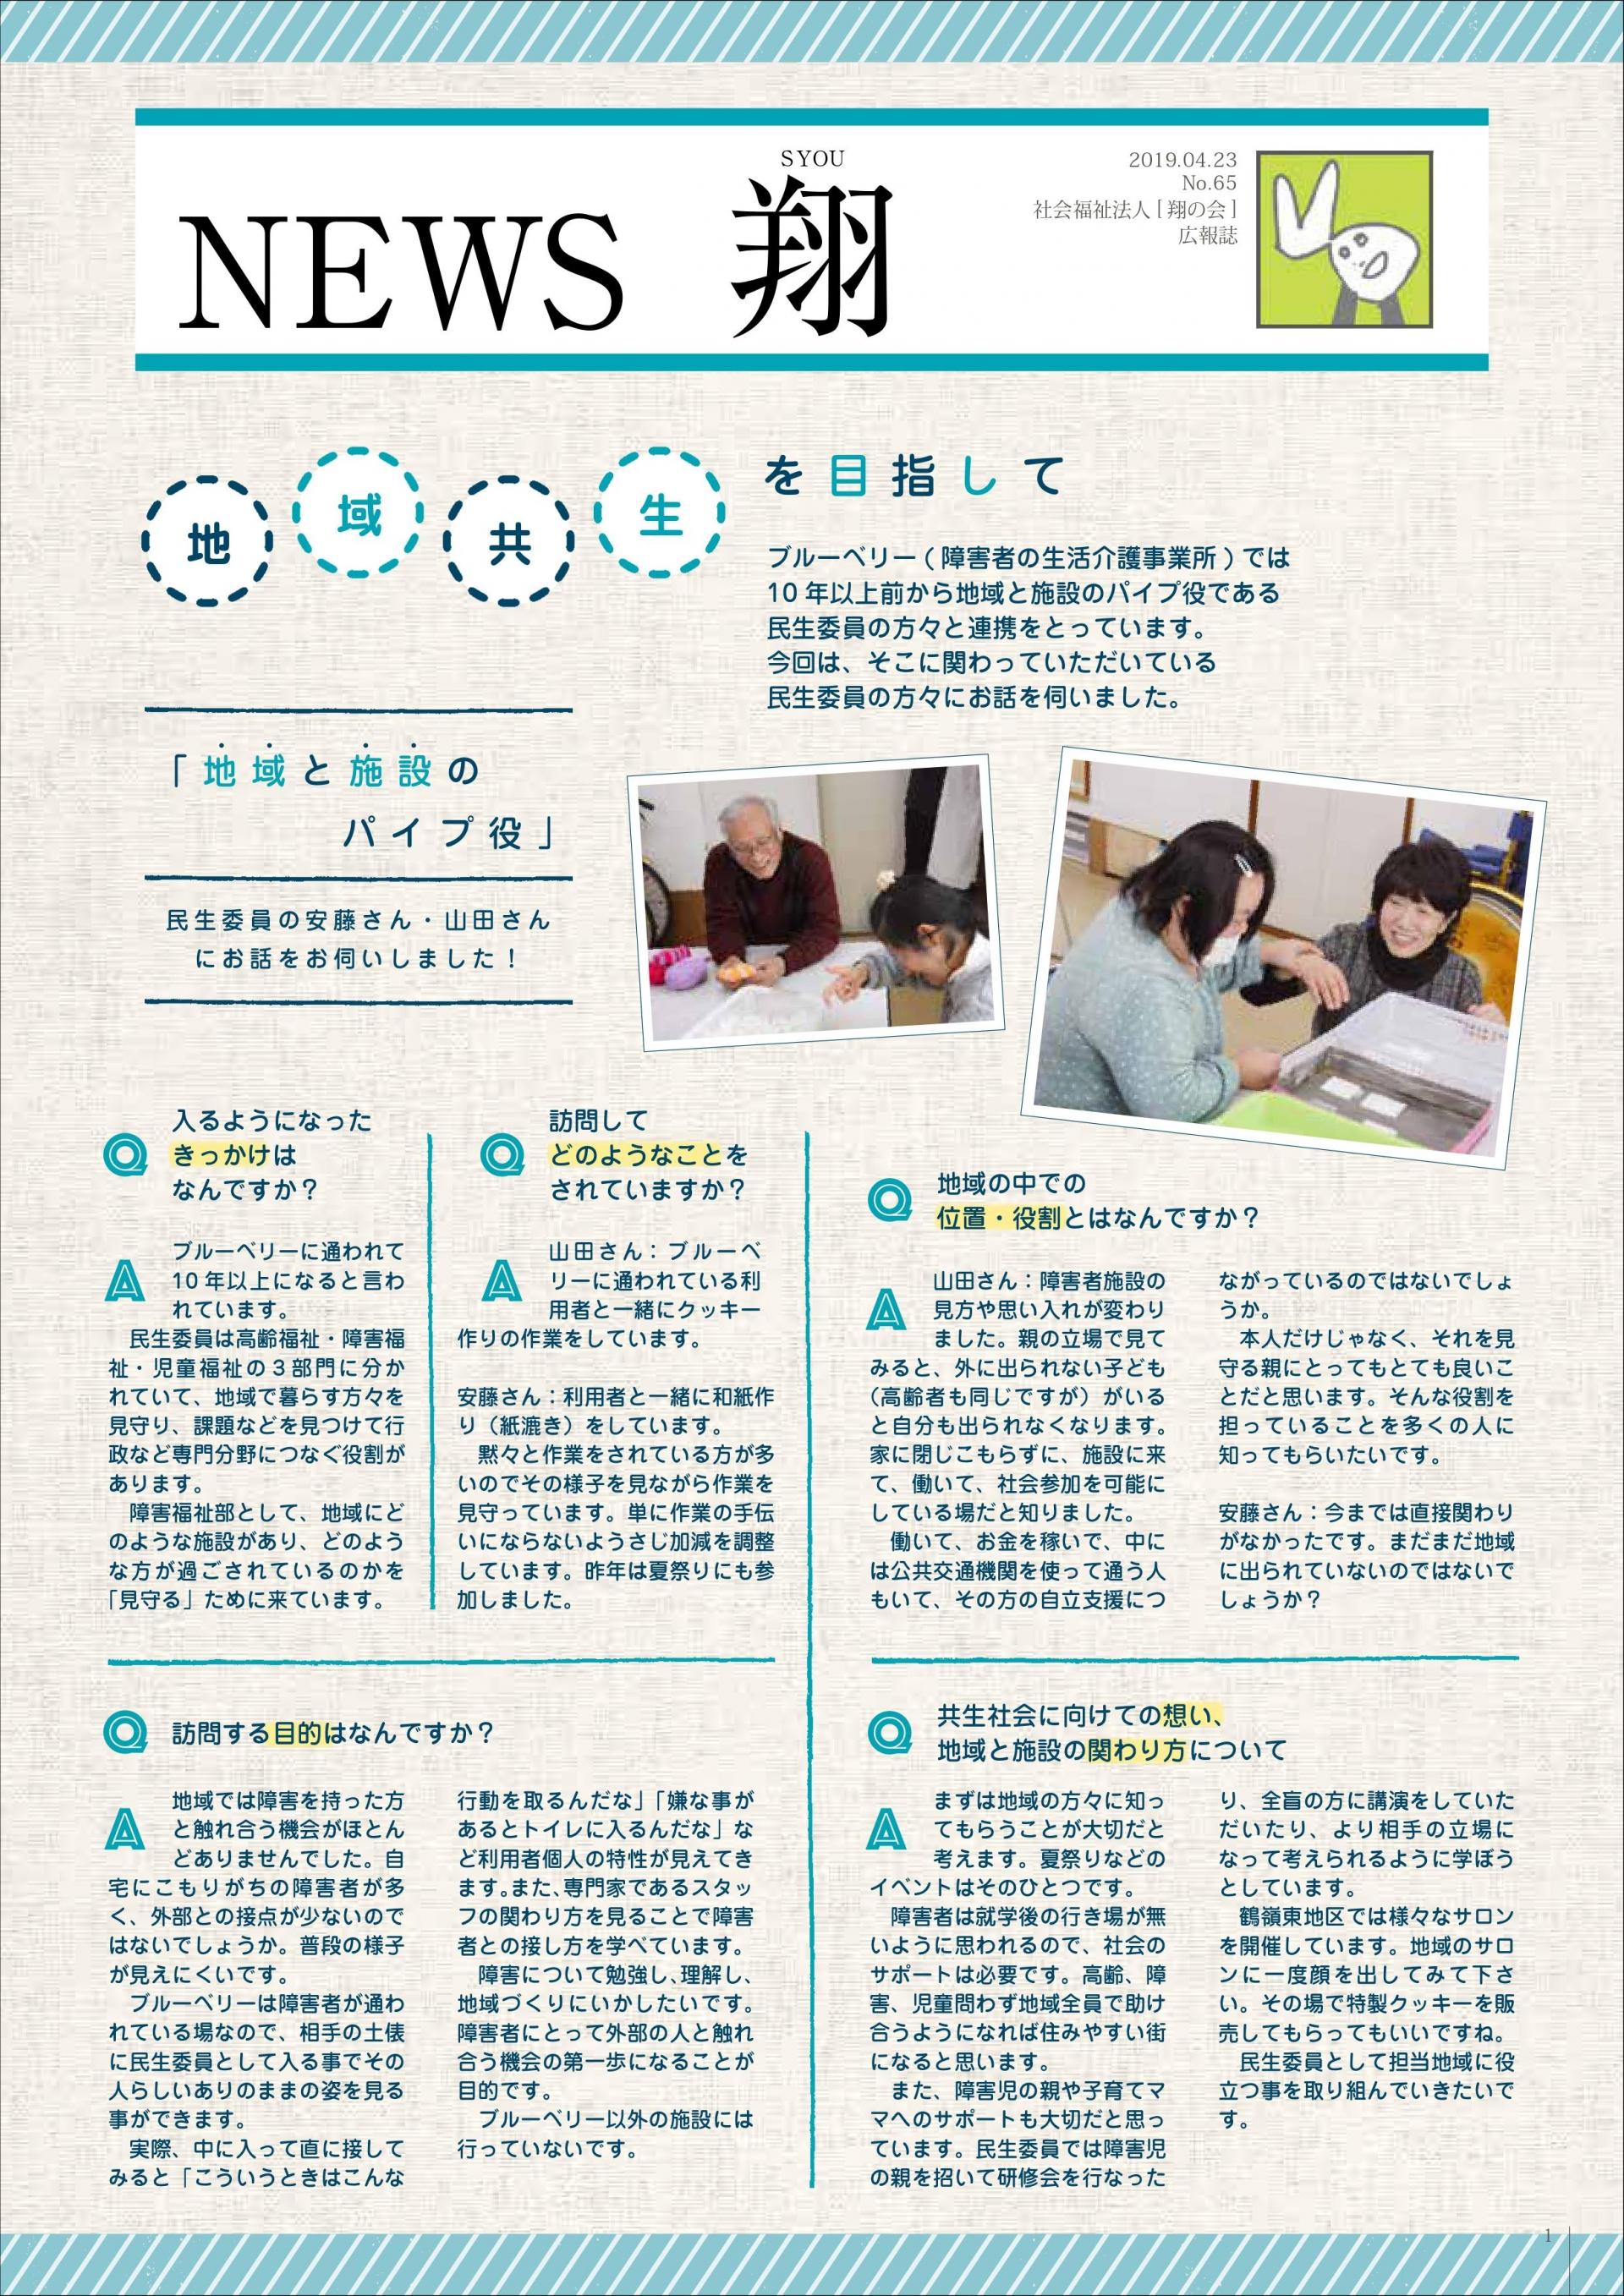 広報誌「NEWS翔」65号